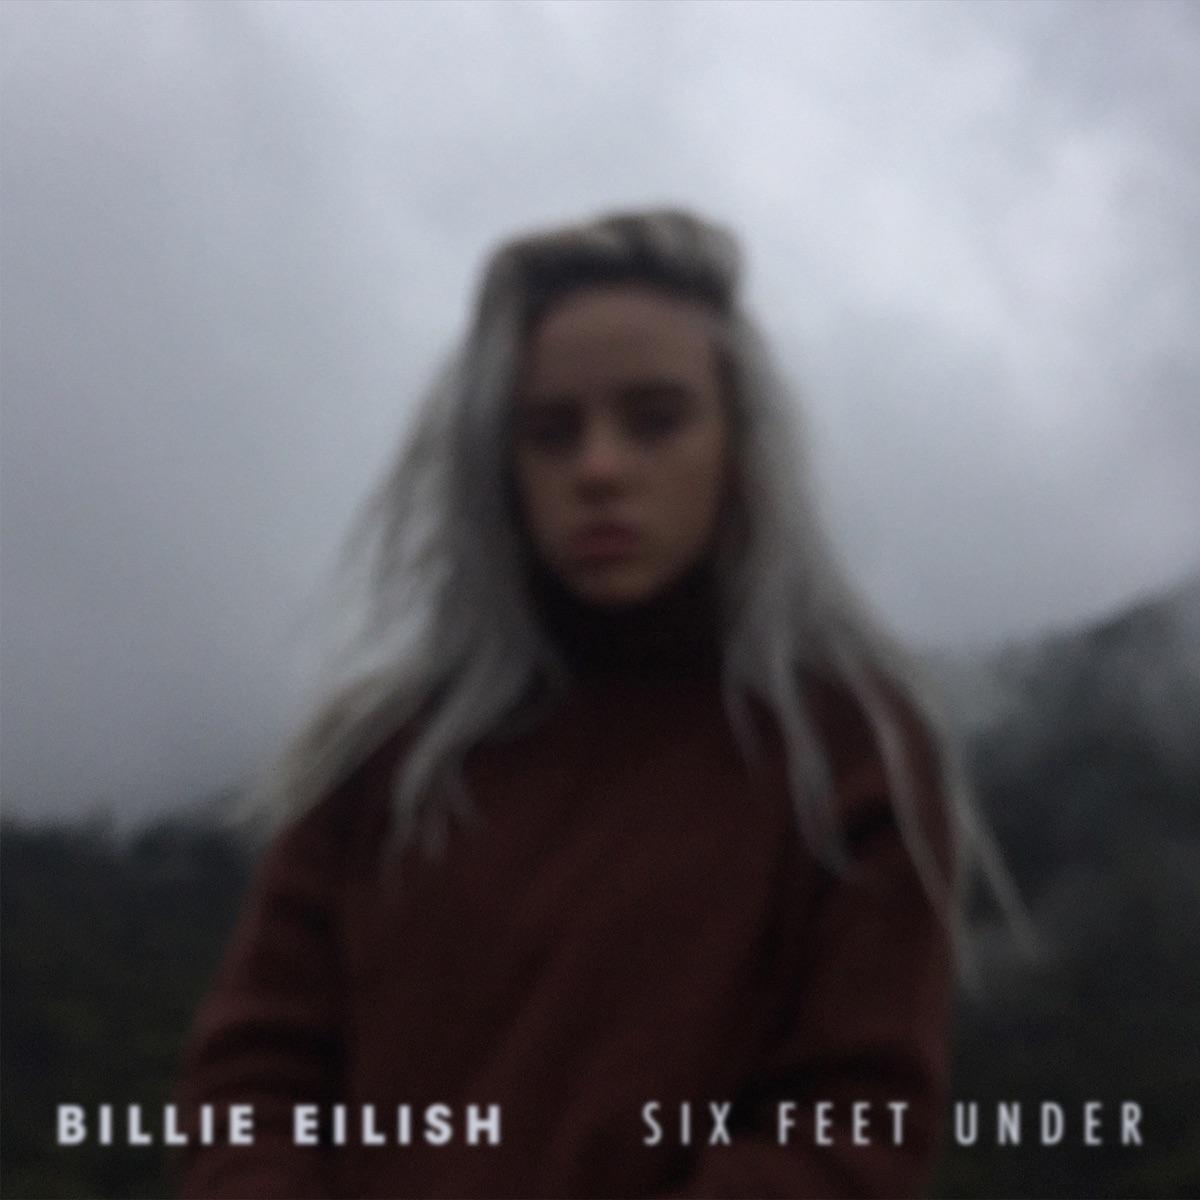 『ビリー・アイリッシュ - Six Feet Under』収録の『Six Feet Under』ジャケット